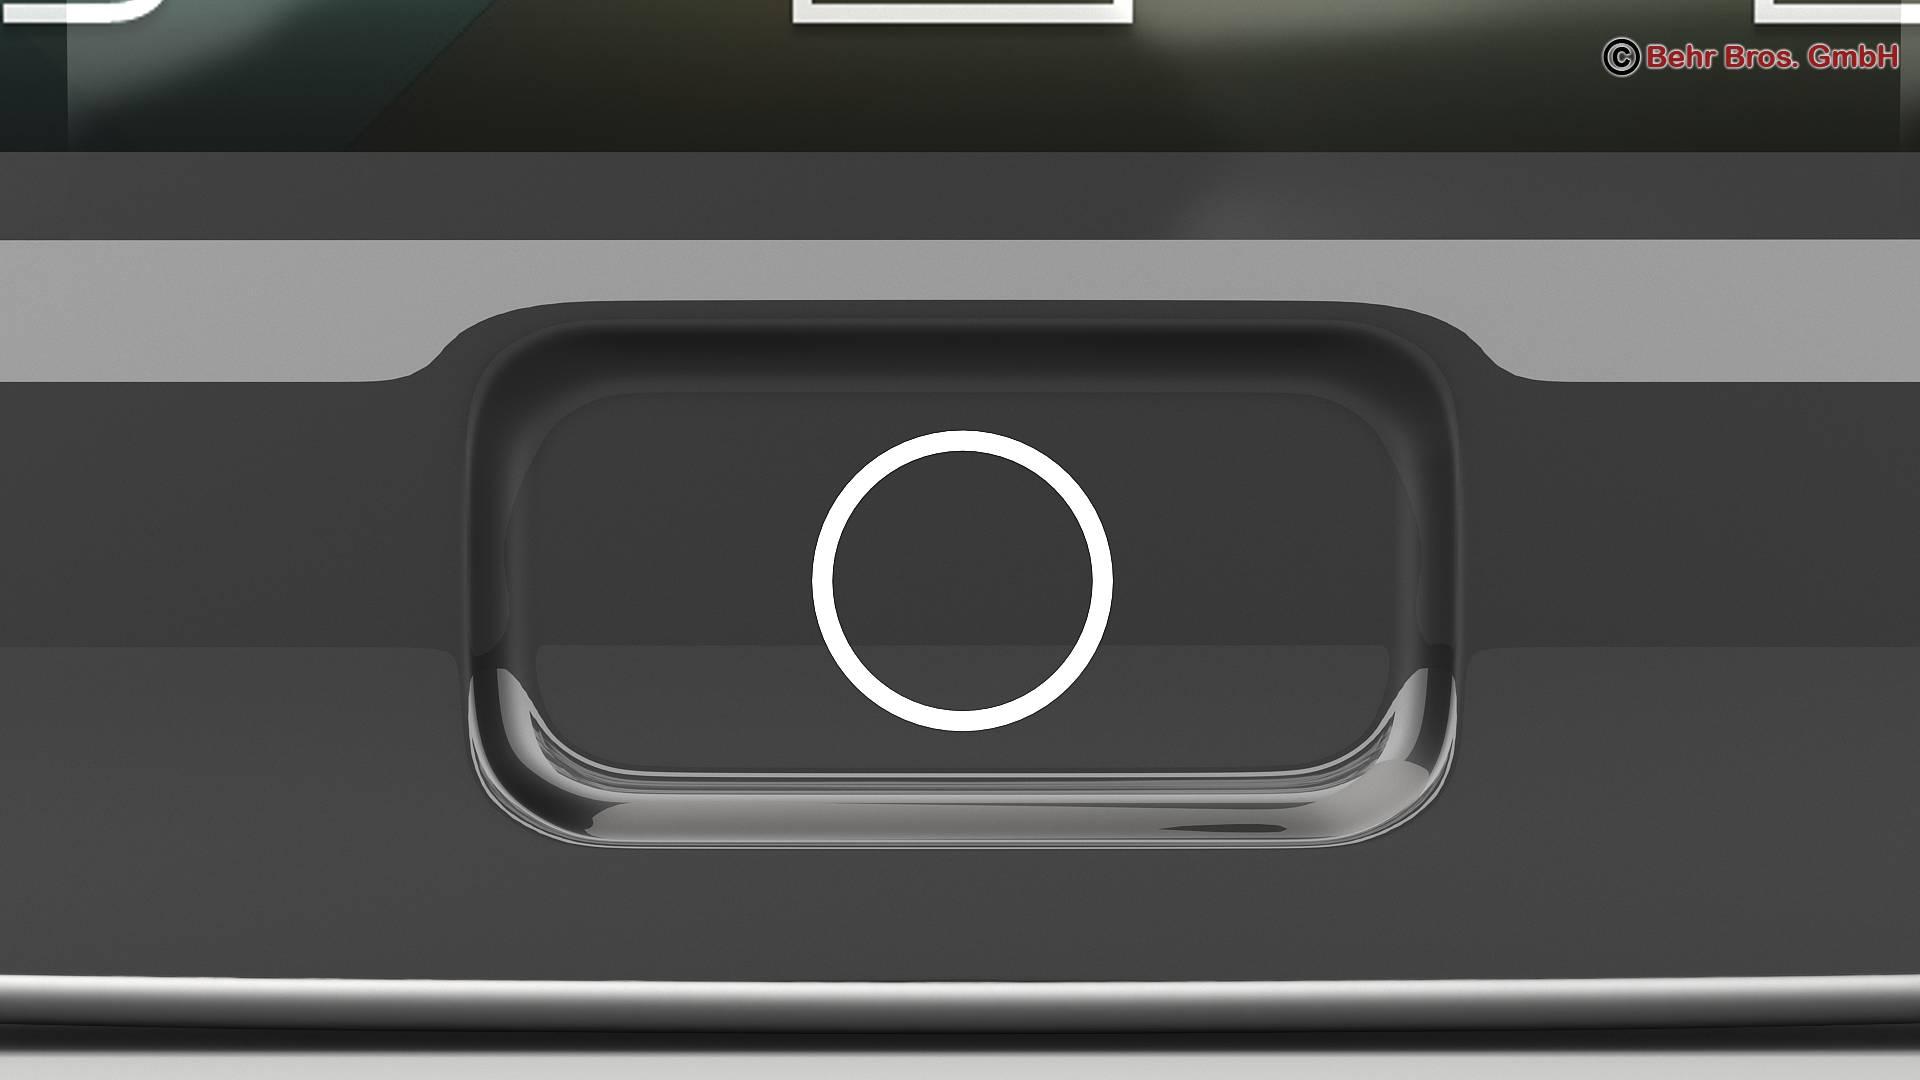 vispārējs viedtālrunis 4 collas 3d modelis 3ds max fbx c4d lwo ma mb obj 161632